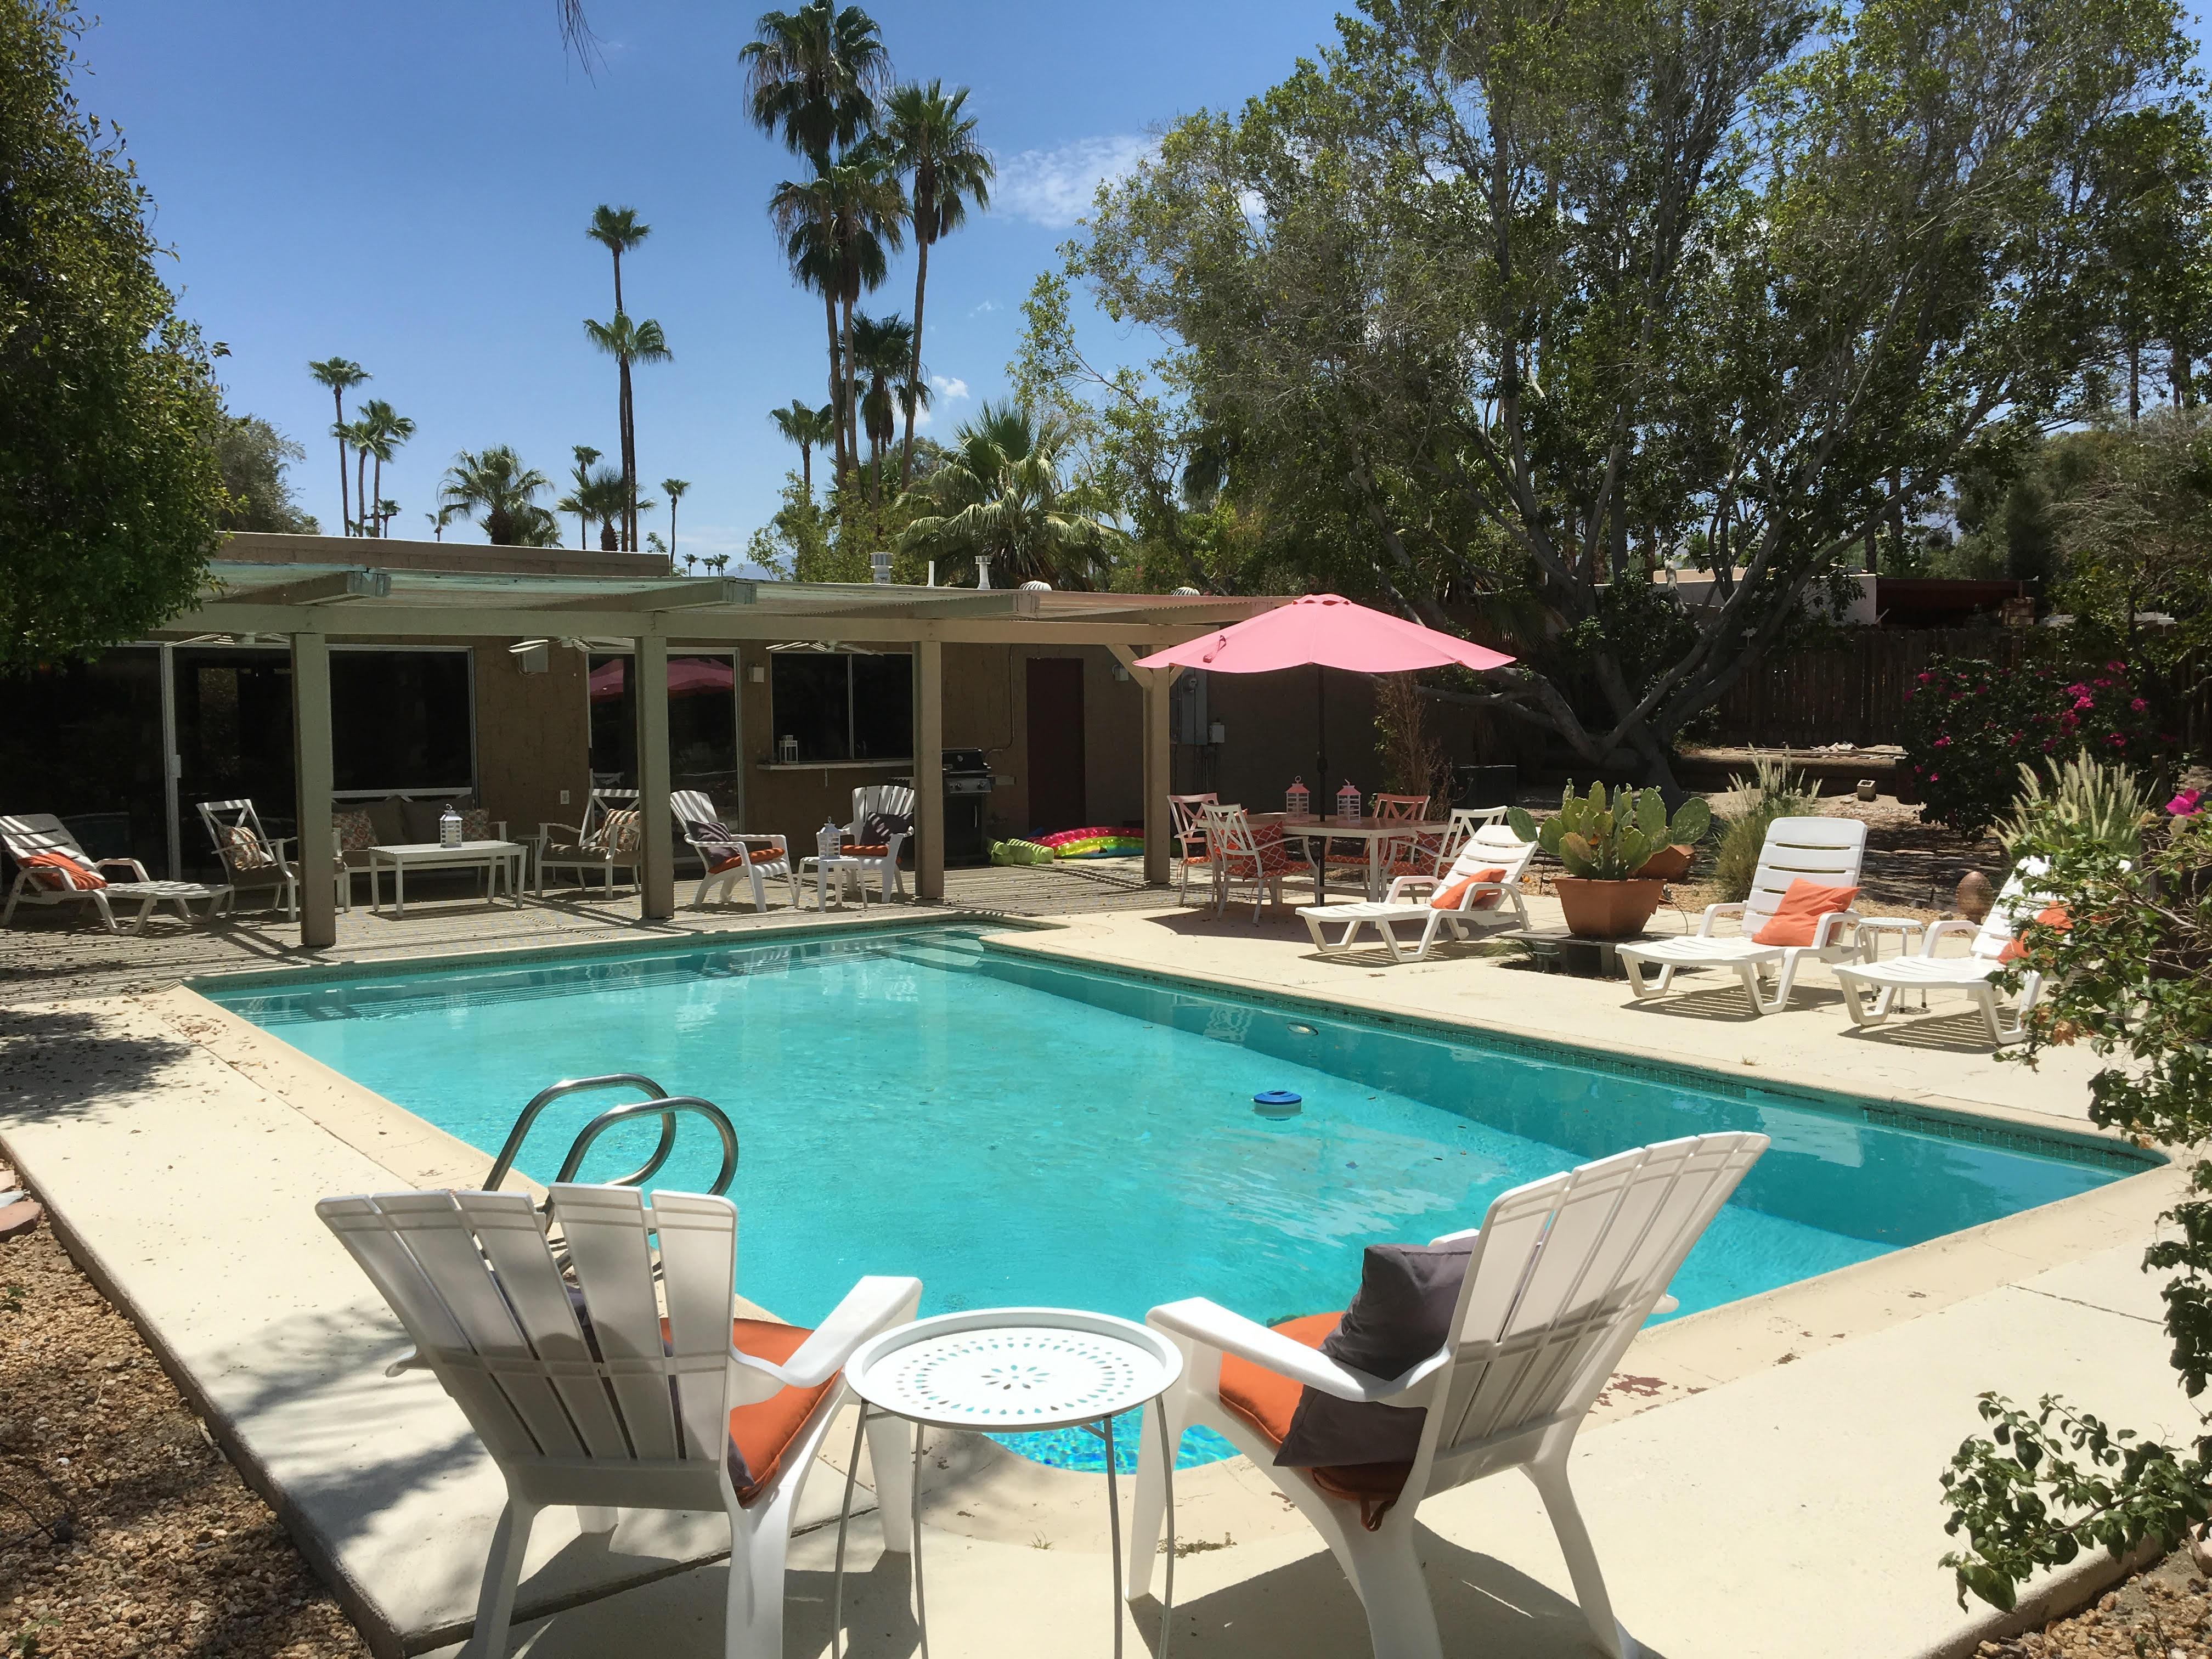 Desert-DreamHomes.com Real Estate News